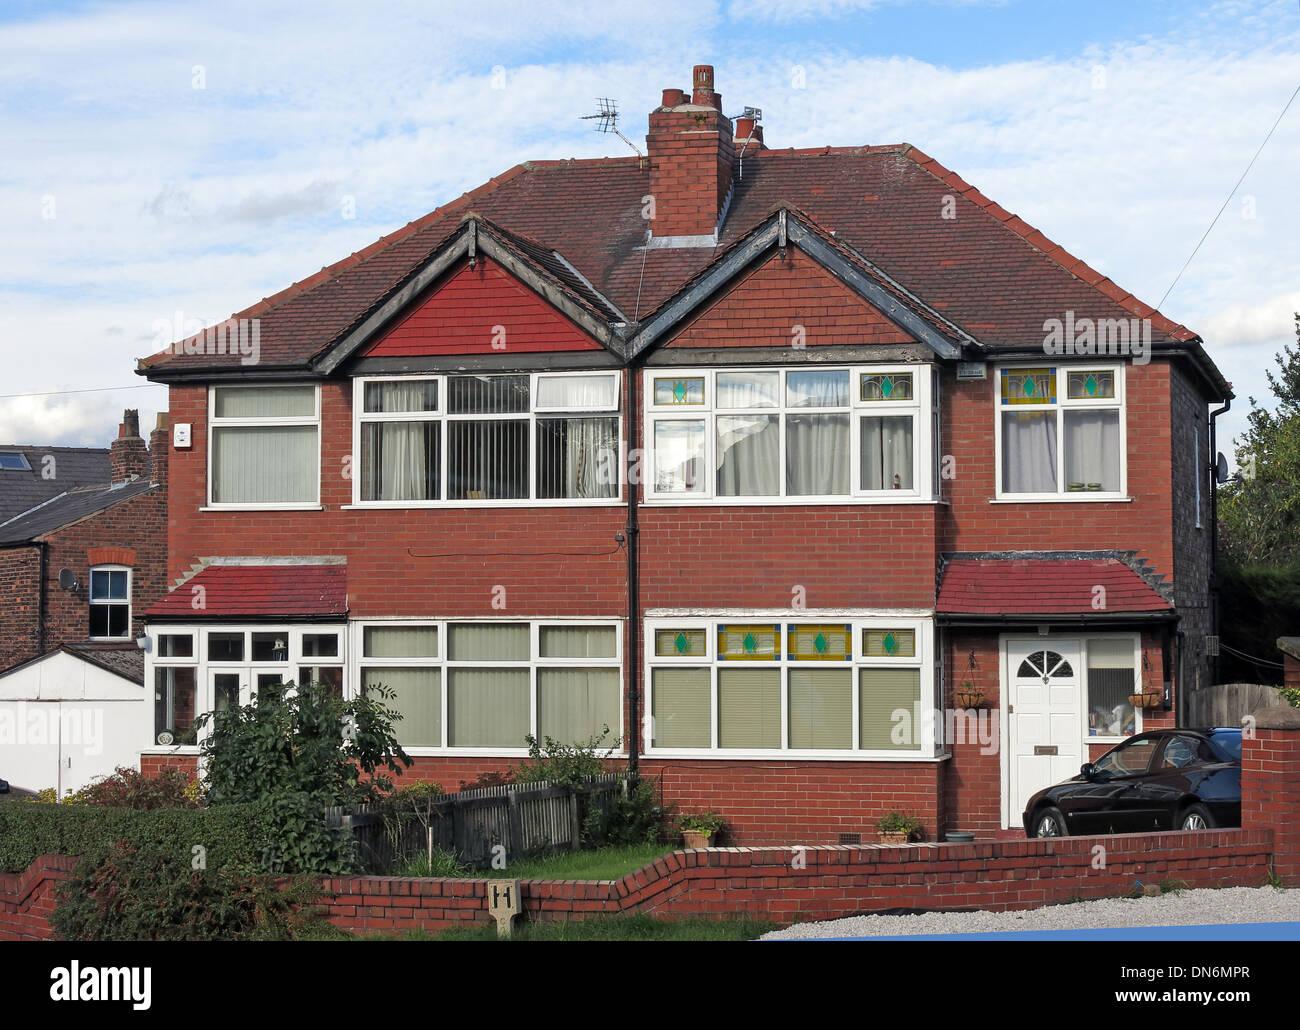 Laden Sie dieses Alamy Stockfoto Typische gemauerte 1930er Jahre englische Doppelhaushälfte mit Dreiecken über Schlafzimmer, vorderen Garten gemeinsamen Schornstein Warrington UK - DN6MPR